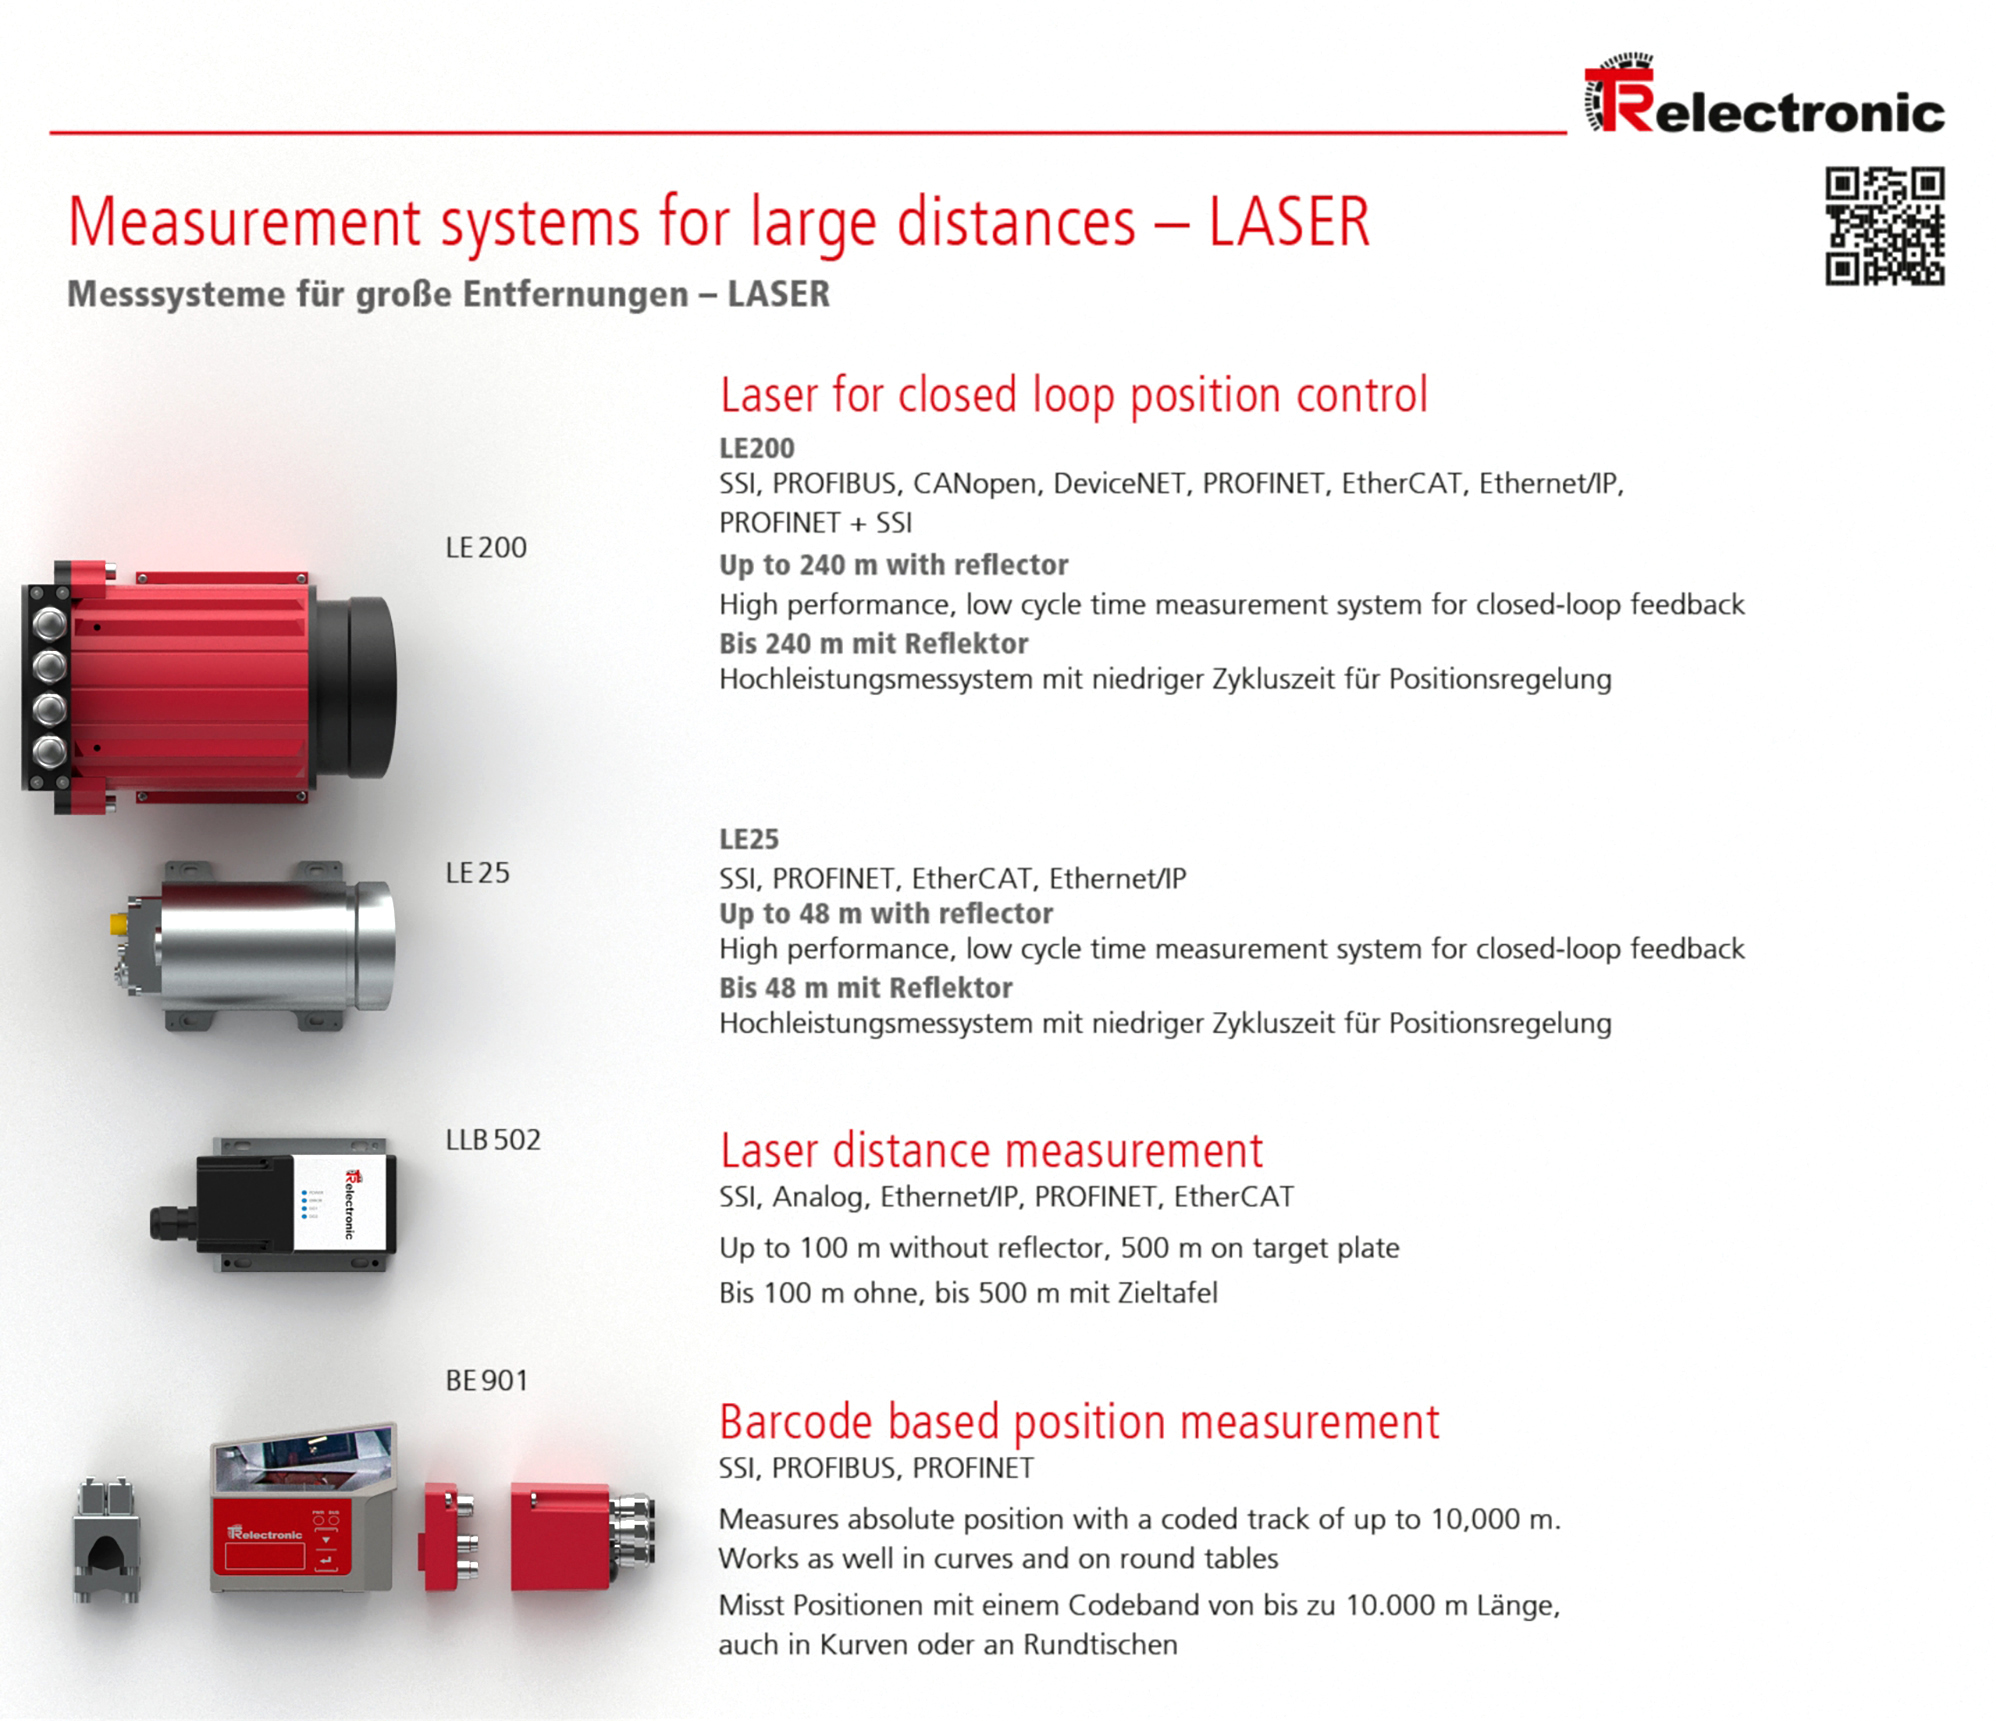 Laser-Entfernungsmesssysteme